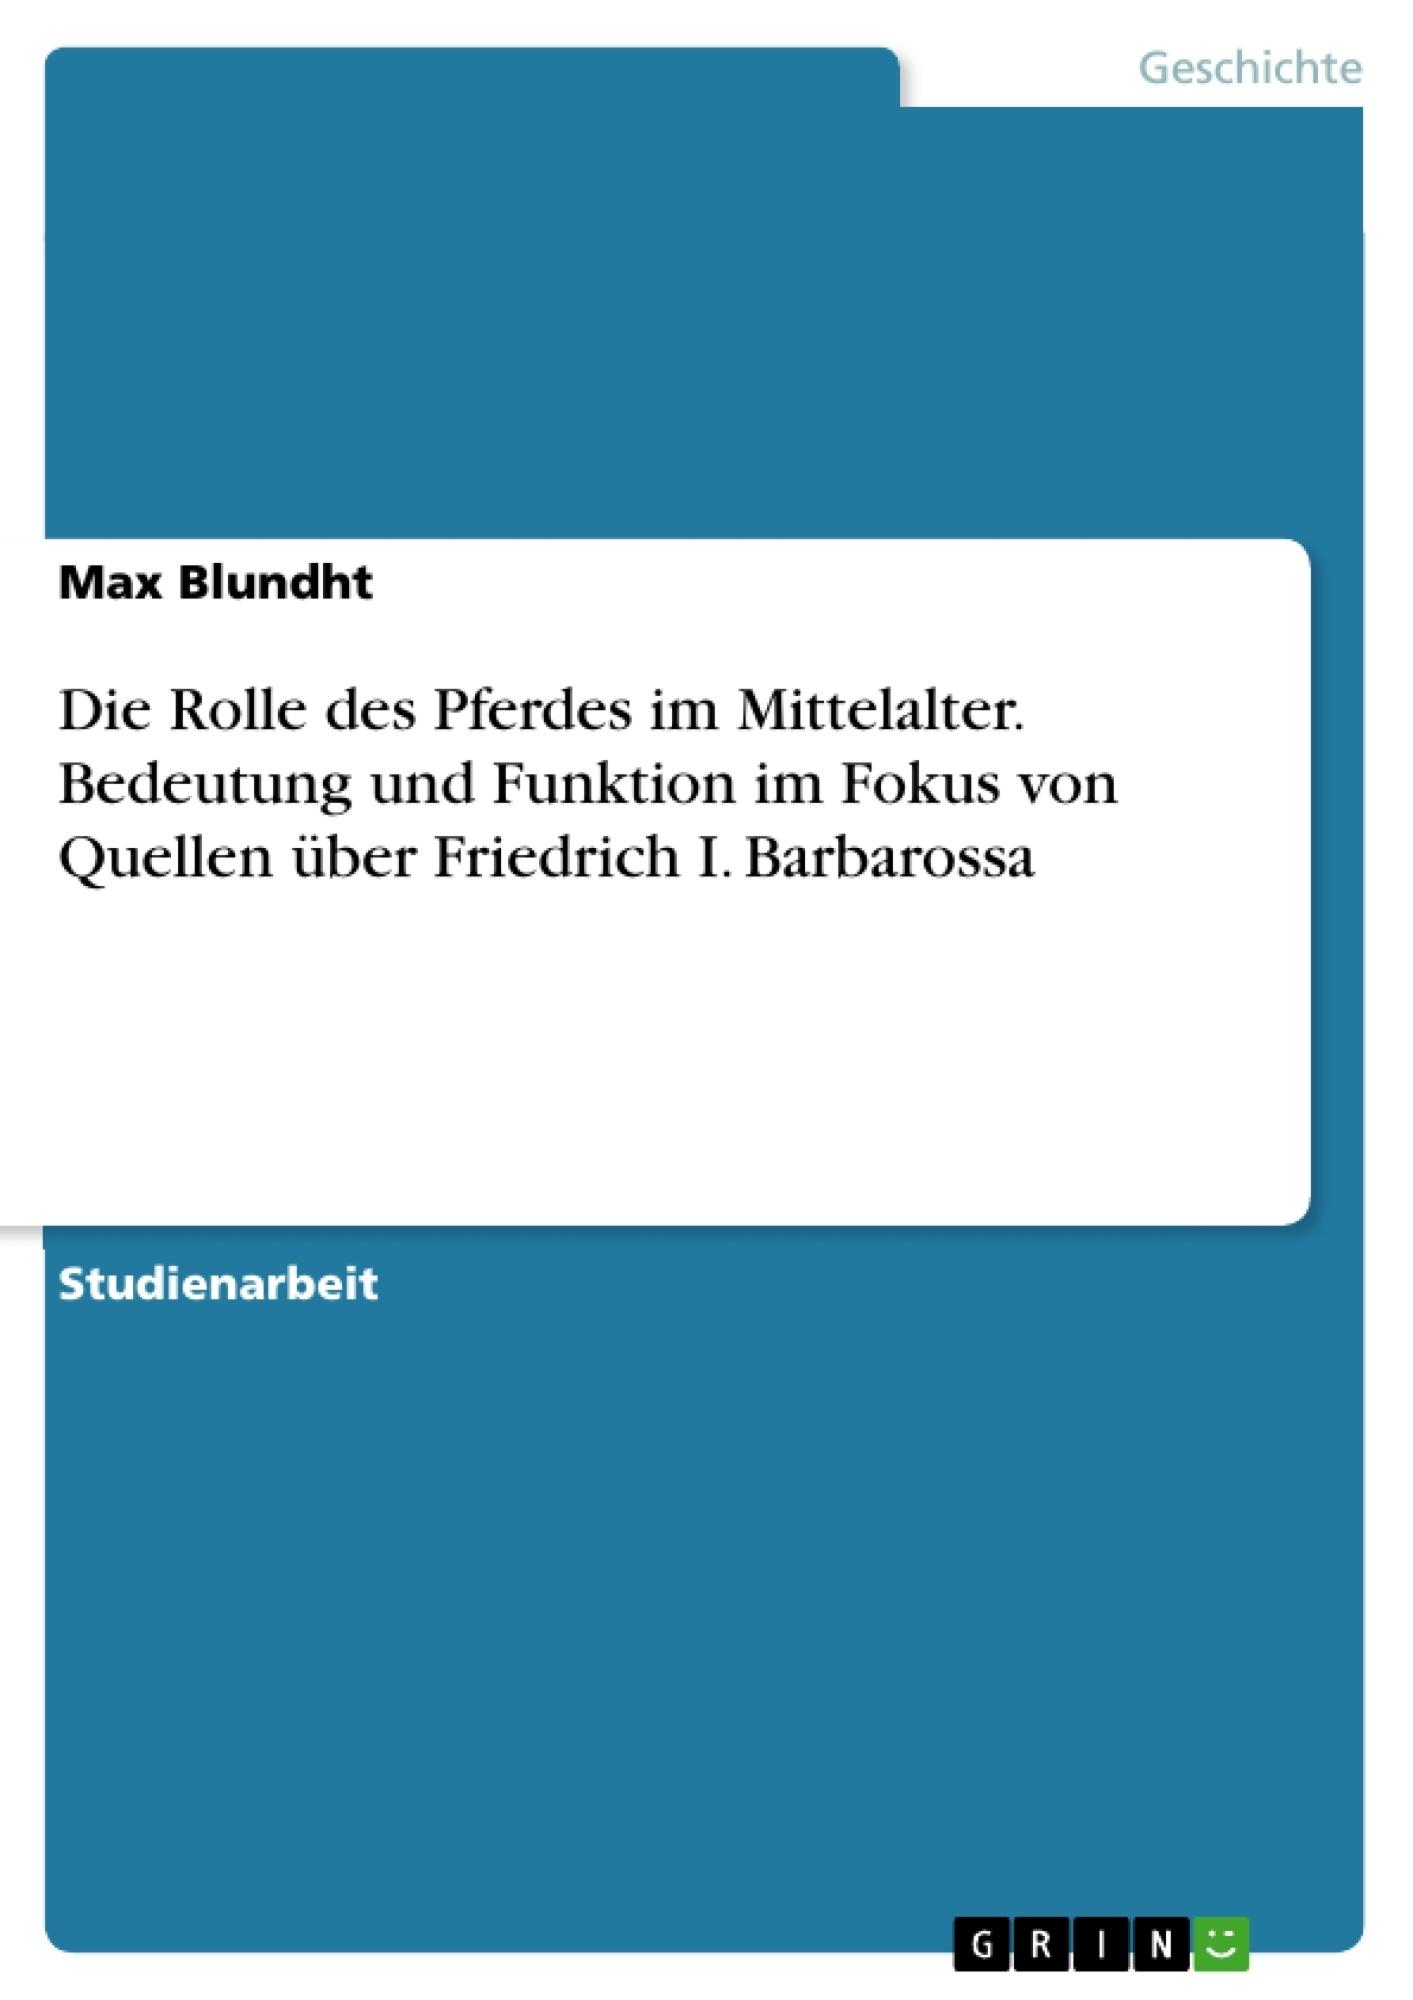 Titel: Die Rolle des Pferdes im Mittelalter. Bedeutung und Funktion im Fokus von Quellen über Friedrich I. Barbarossa